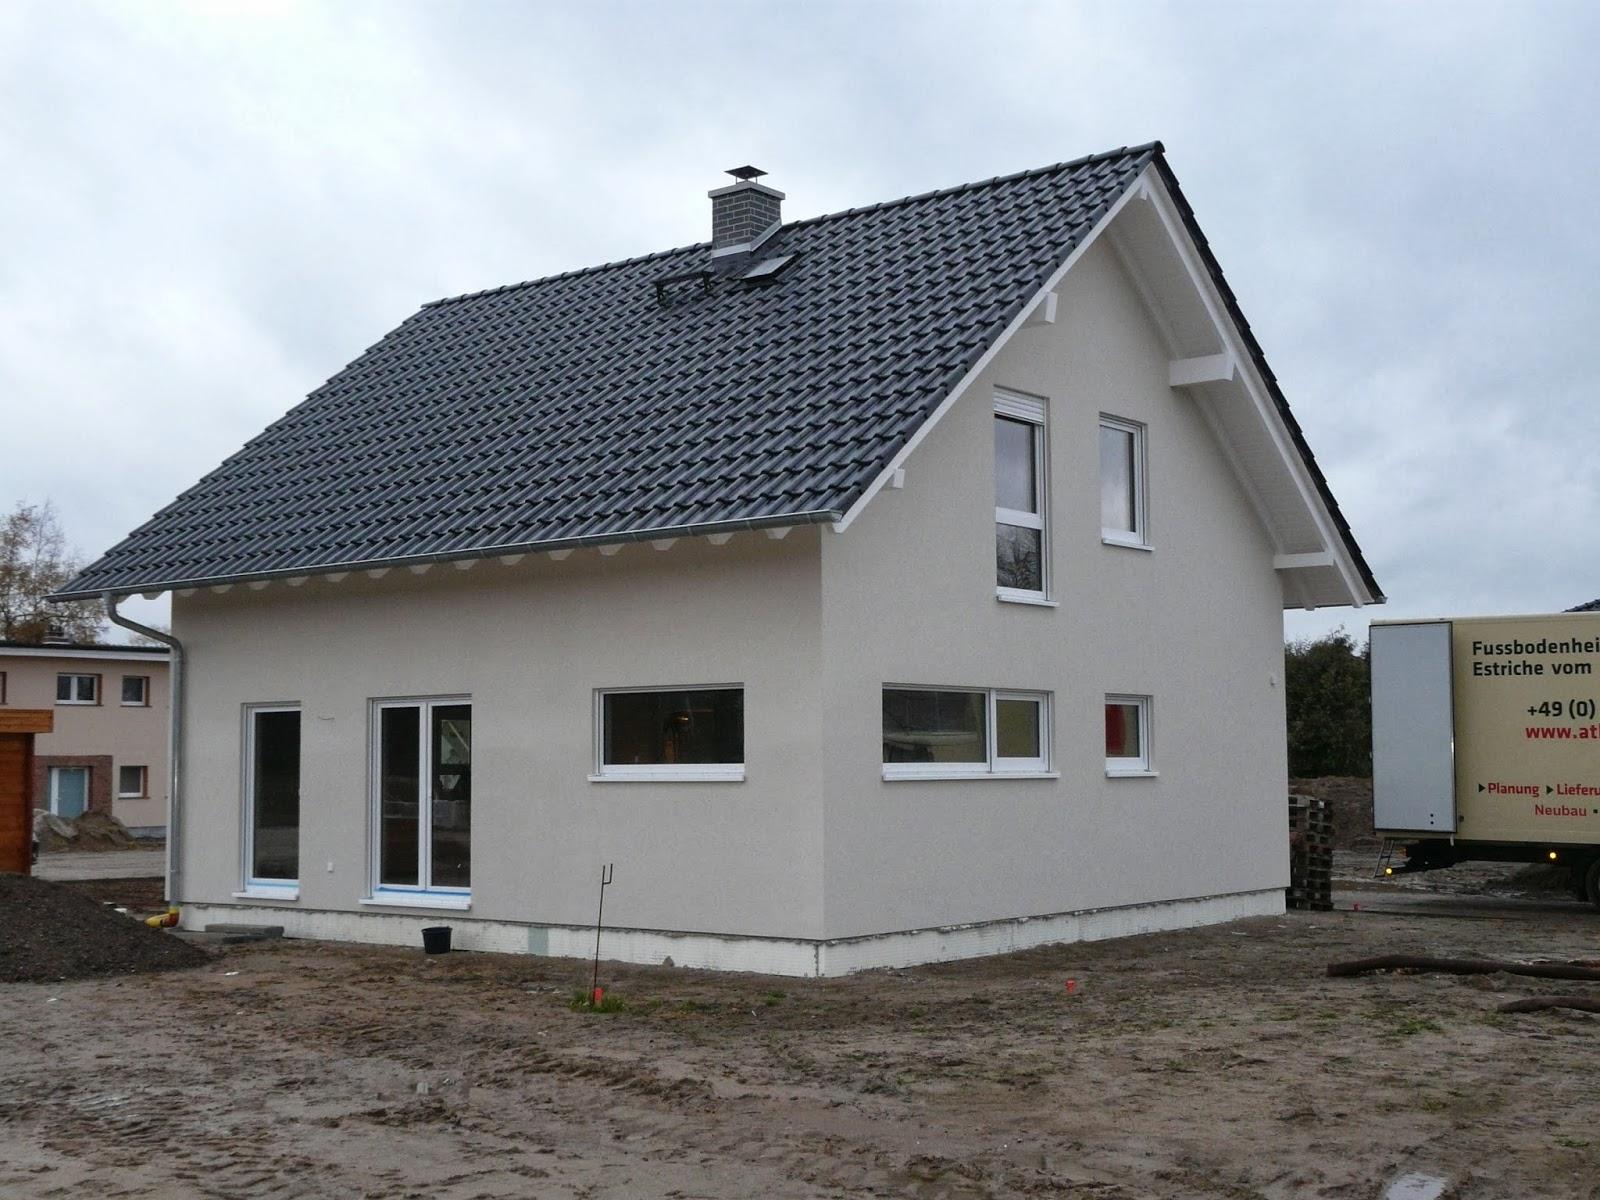 dachfenster einbauen lassen perfect einbau velux fenster einbau velux fenster einbau velux. Black Bedroom Furniture Sets. Home Design Ideas